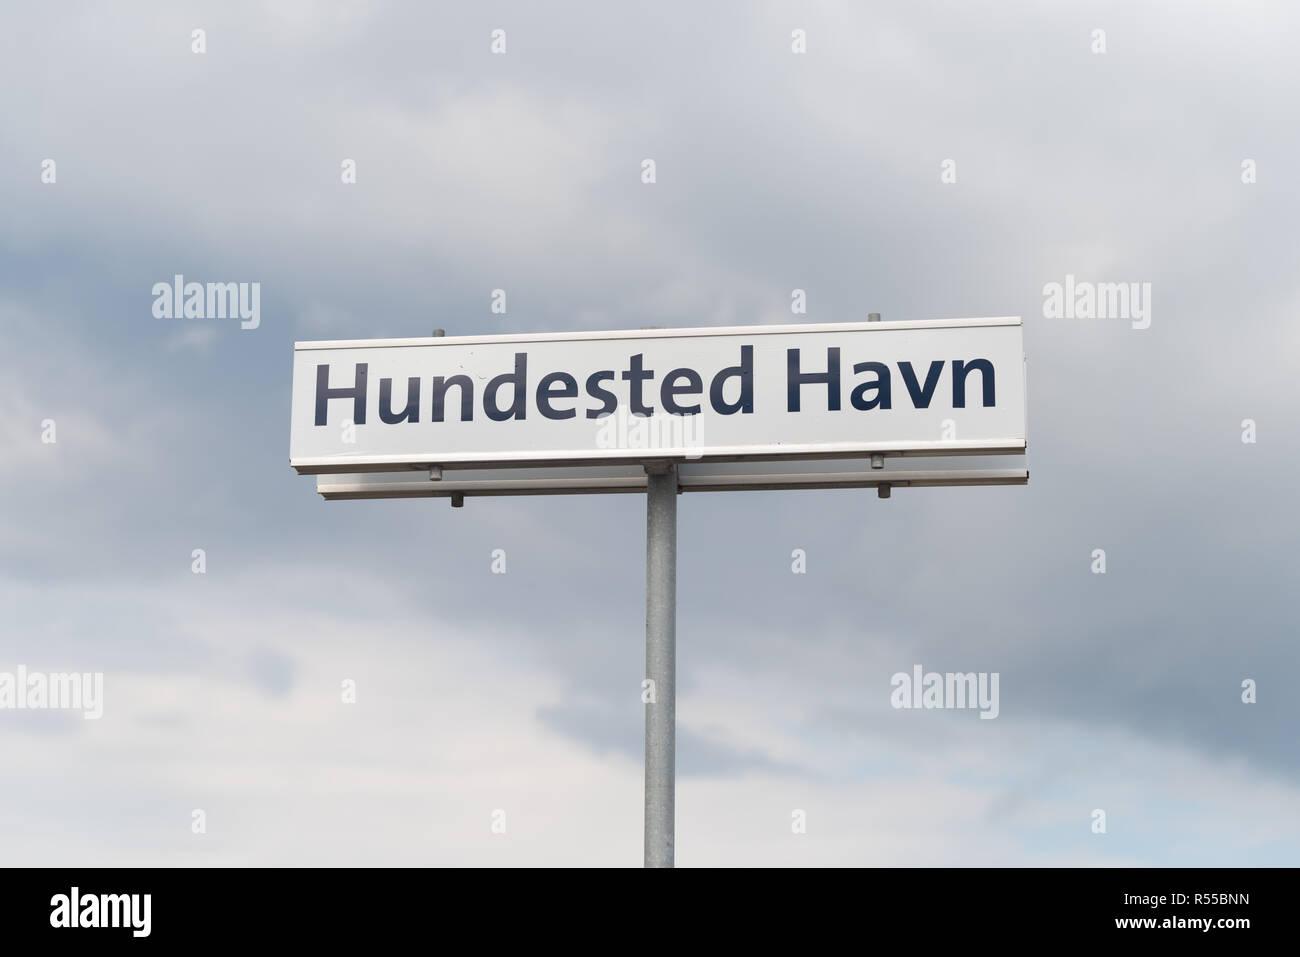 street name shield in denmark - Stock Image